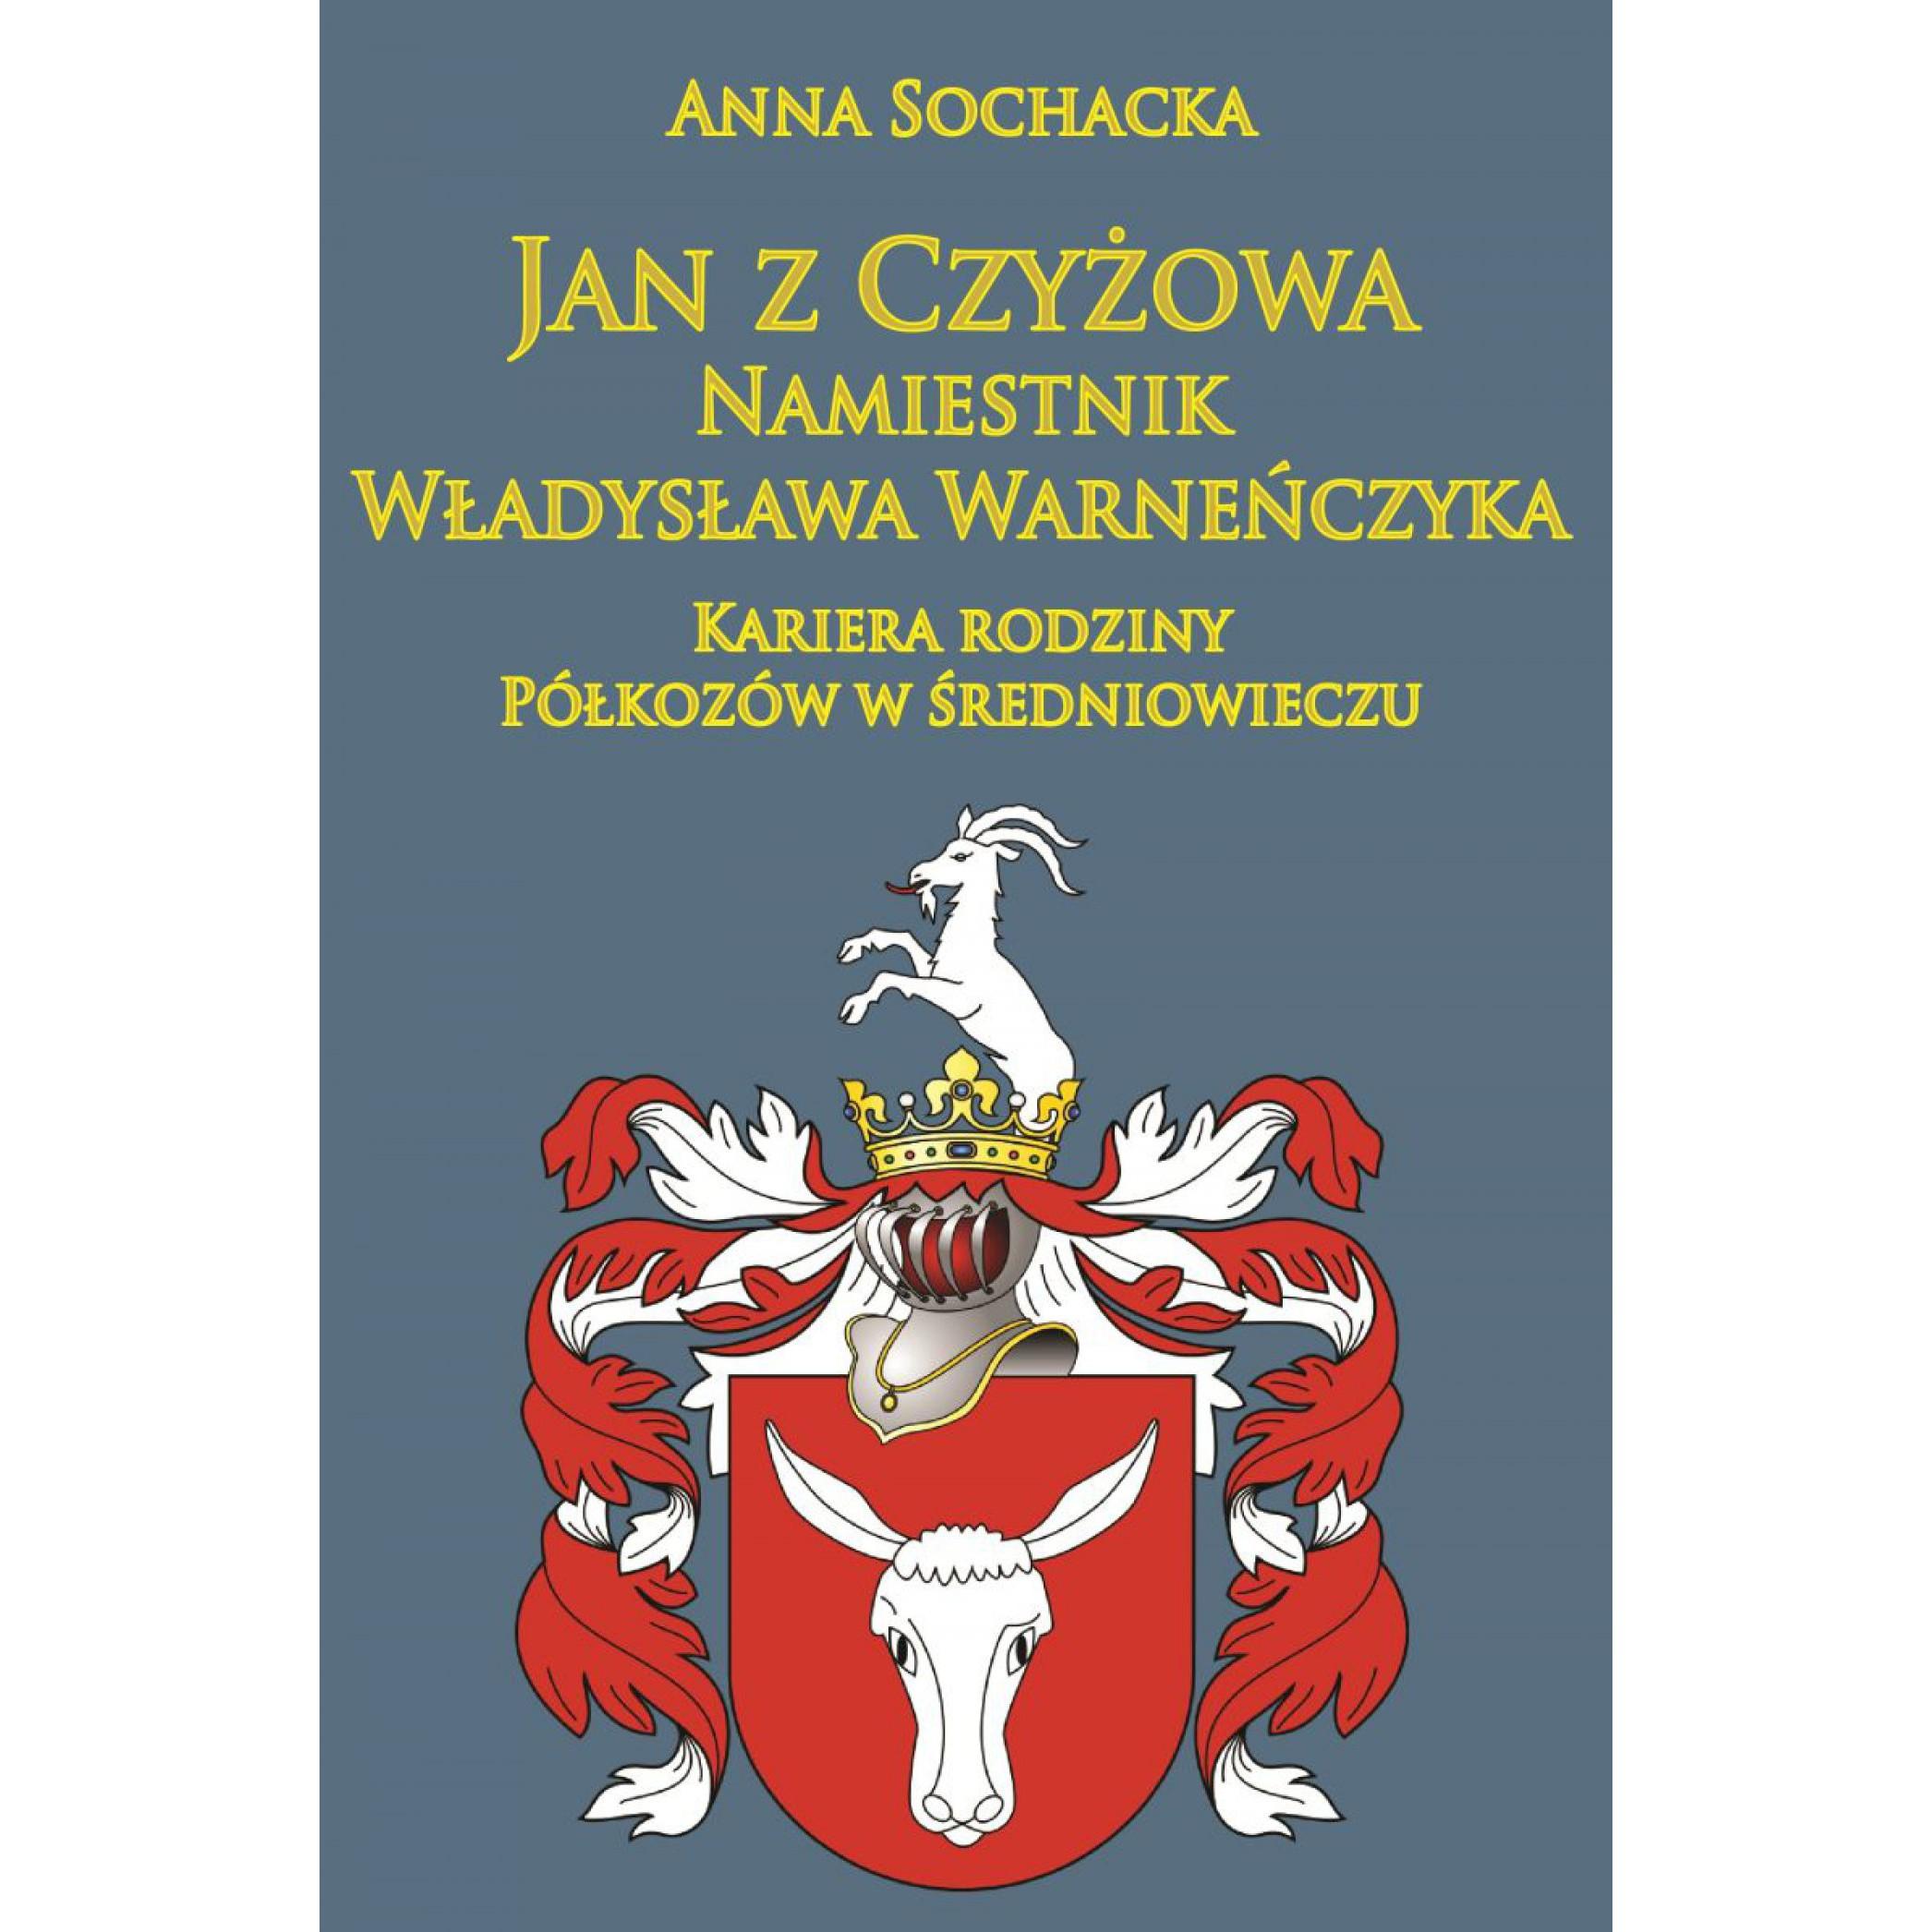 Jan z Czyżowa namiestnik Władysława Warneńczyka. Kariera rodziny Półkozów w średniowieczu